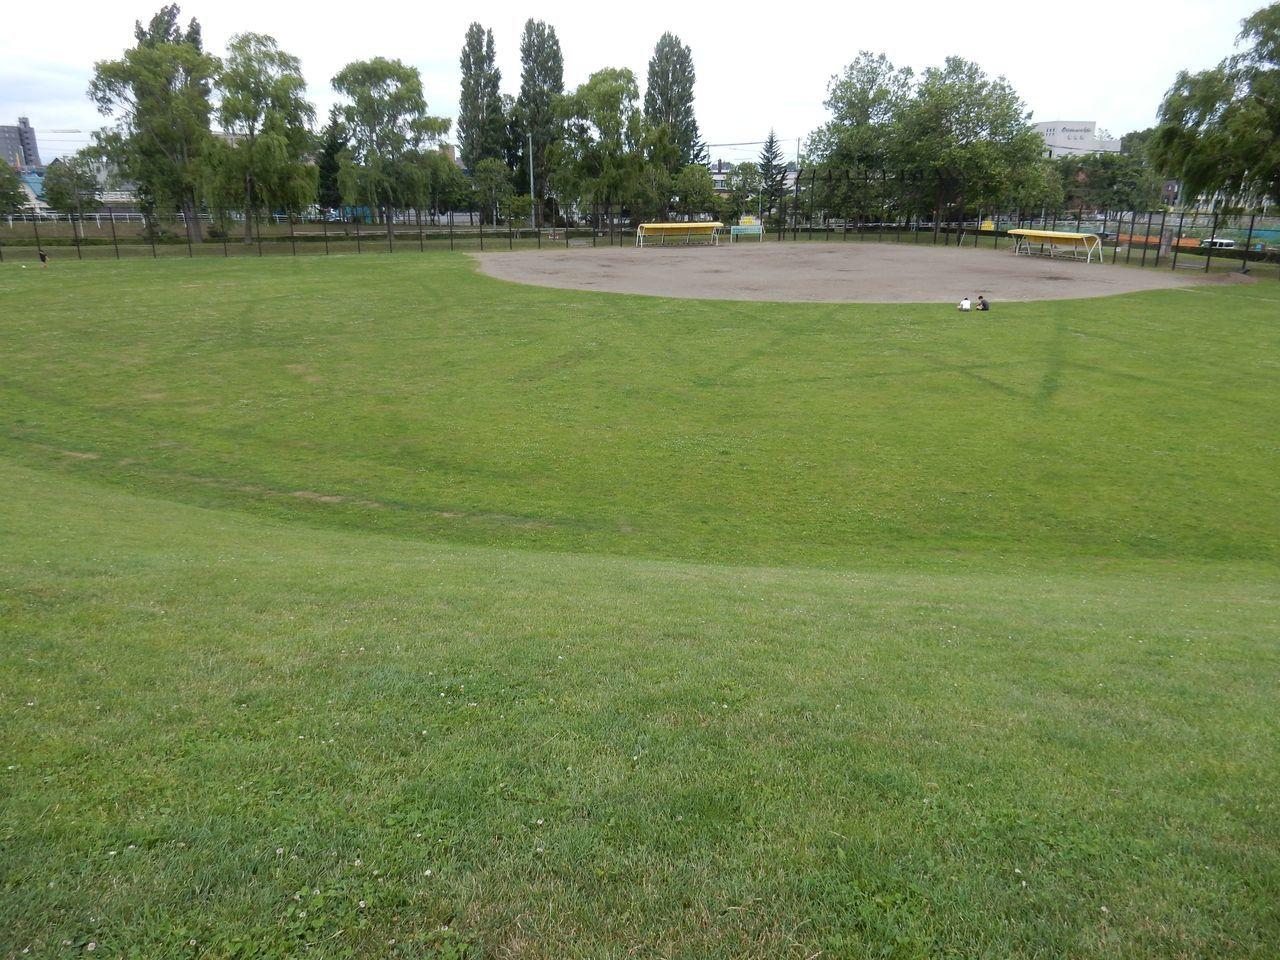 伏古公園でひと休み_c0025115_21493332.jpg